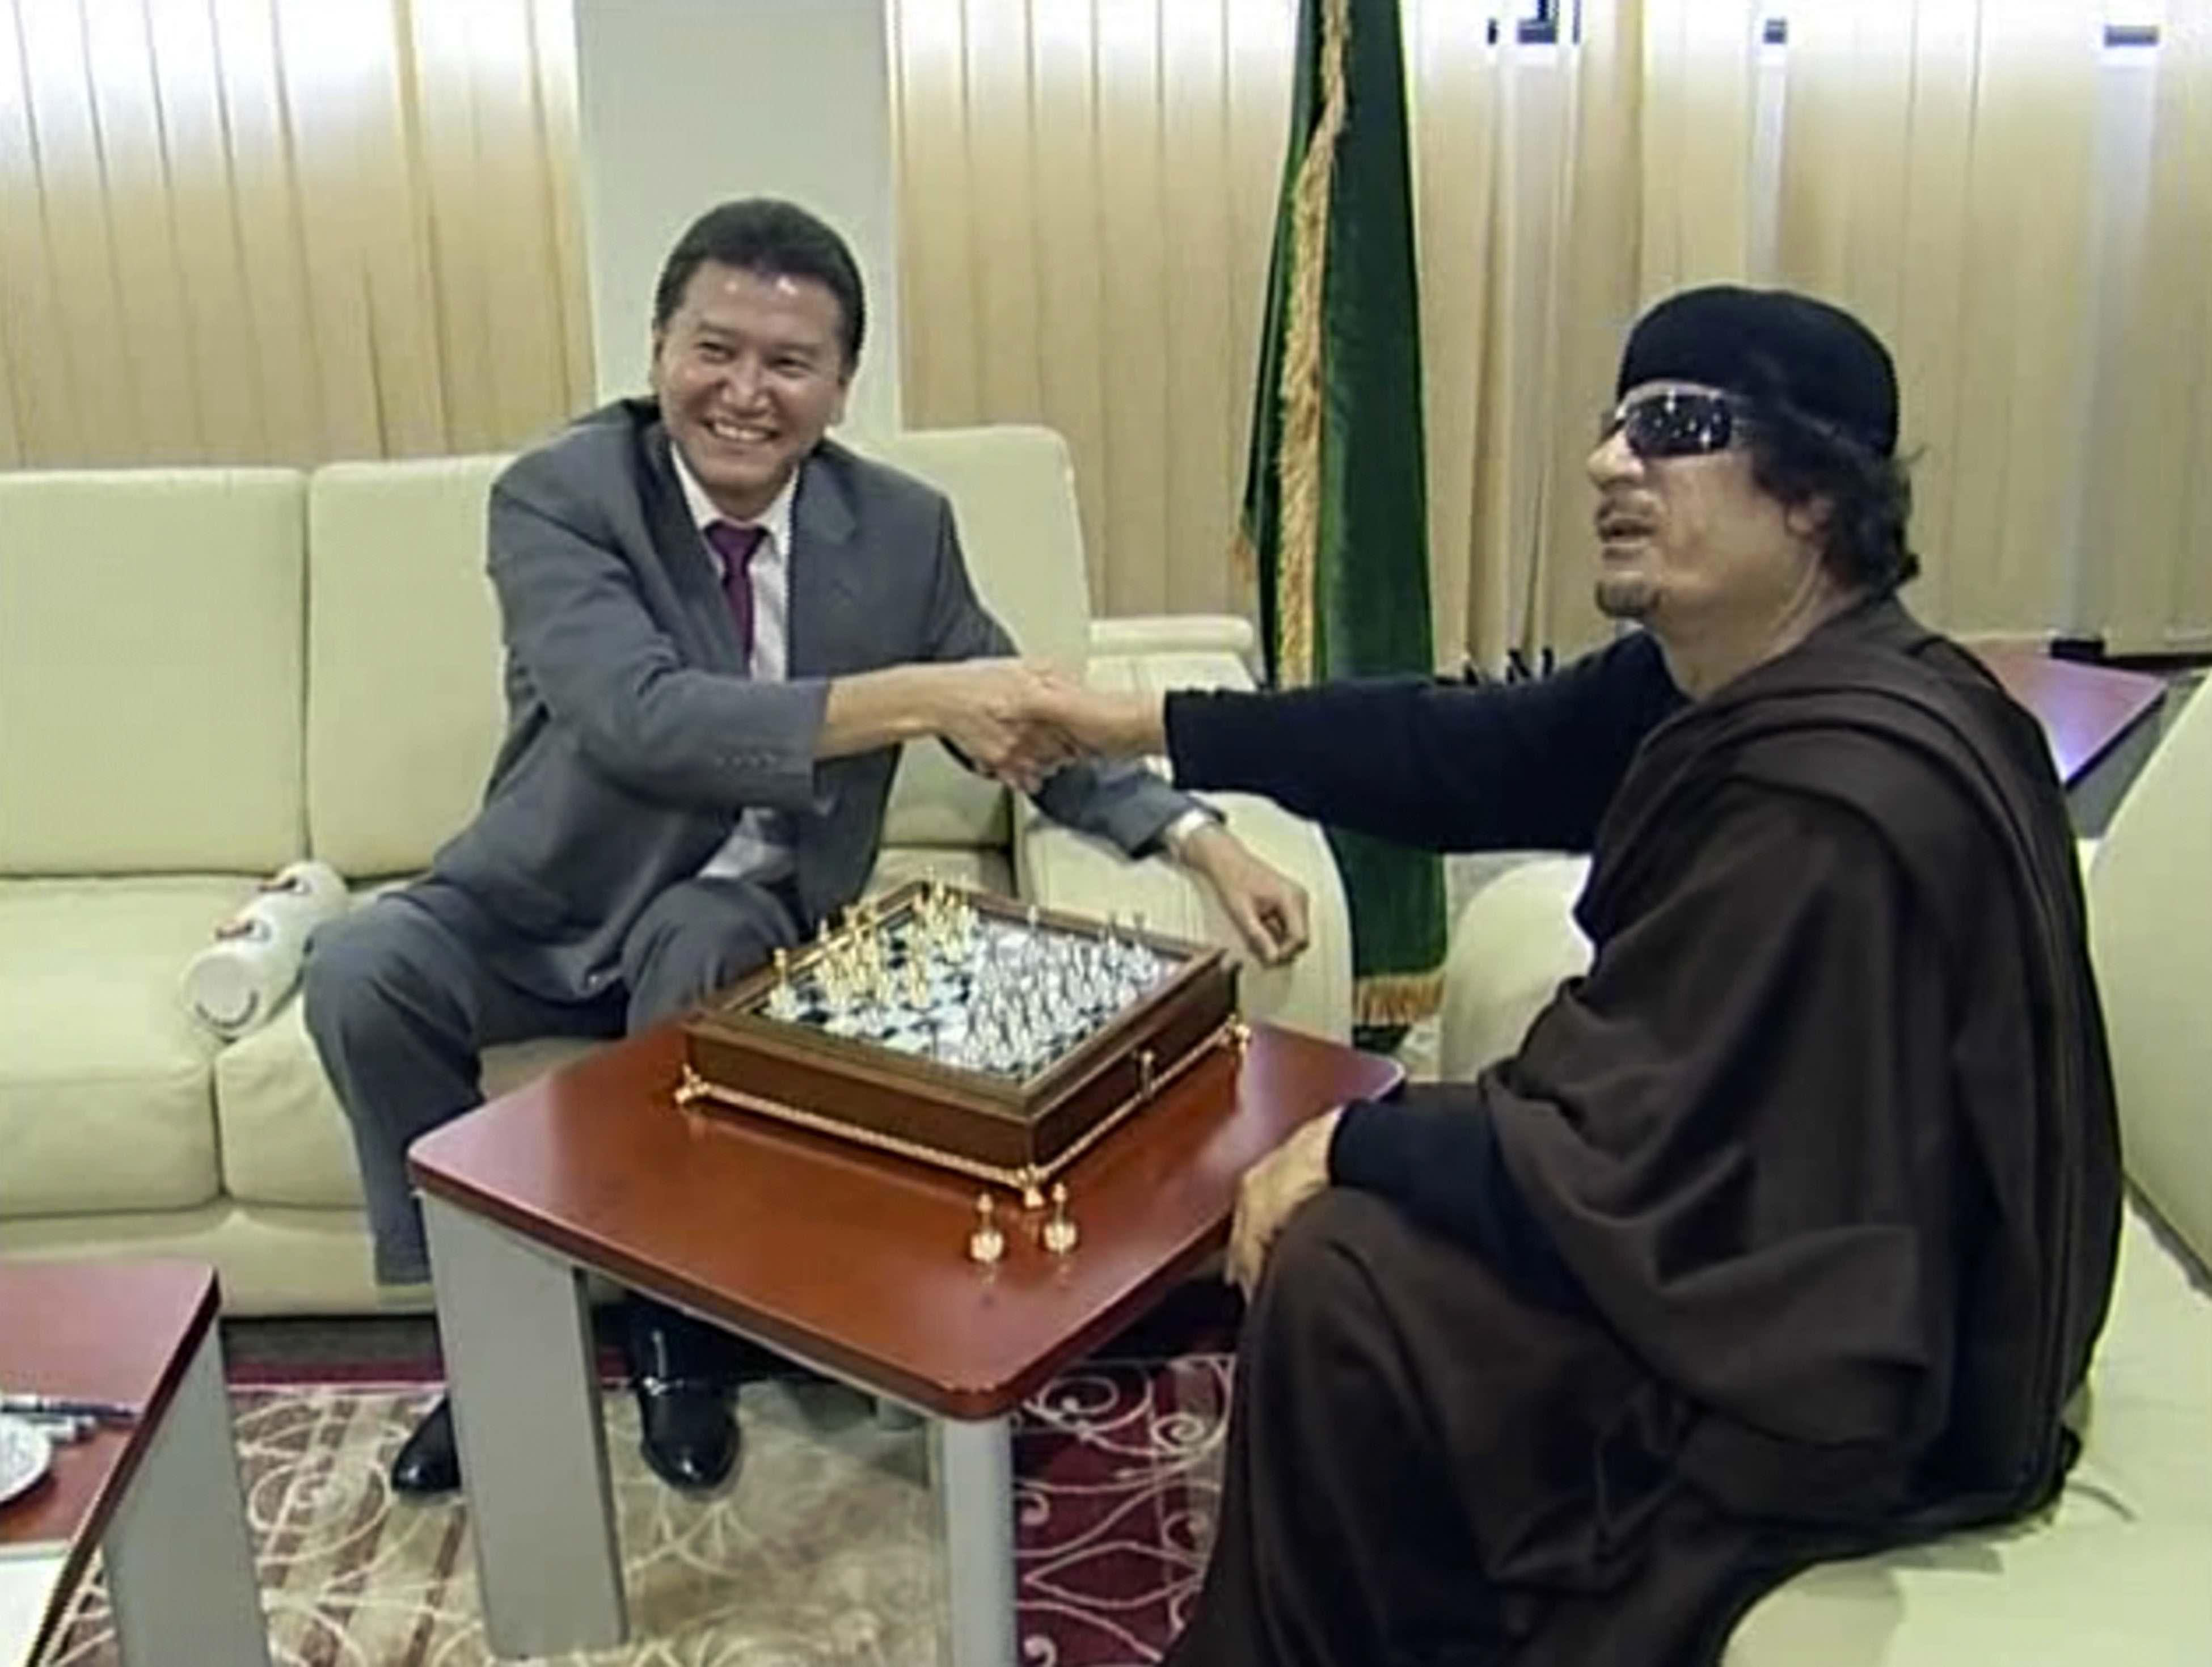 Moammar Gadhafi, Kirsan Ilyumzhinov